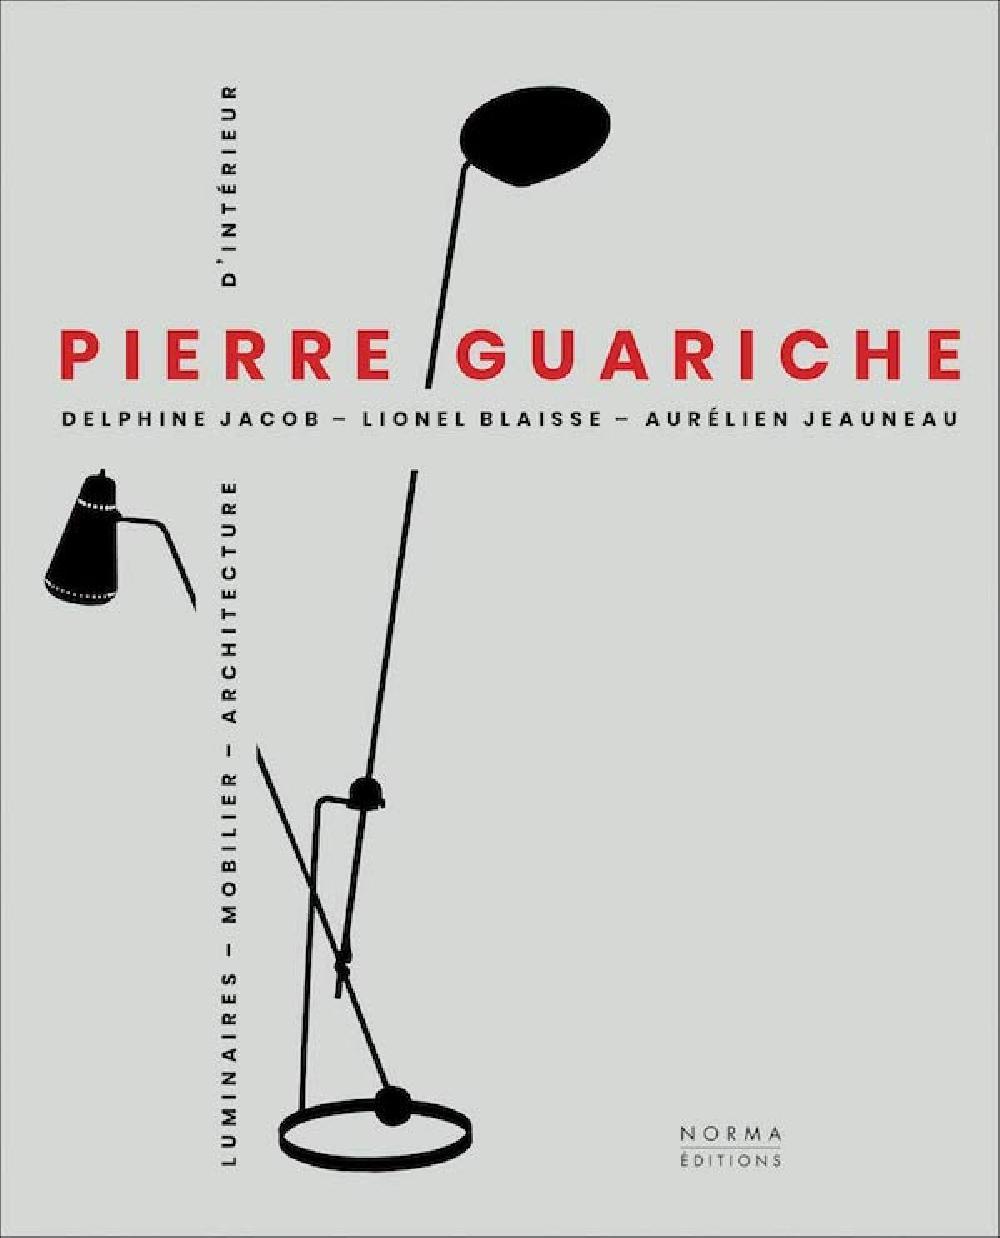 Pierre Guariche